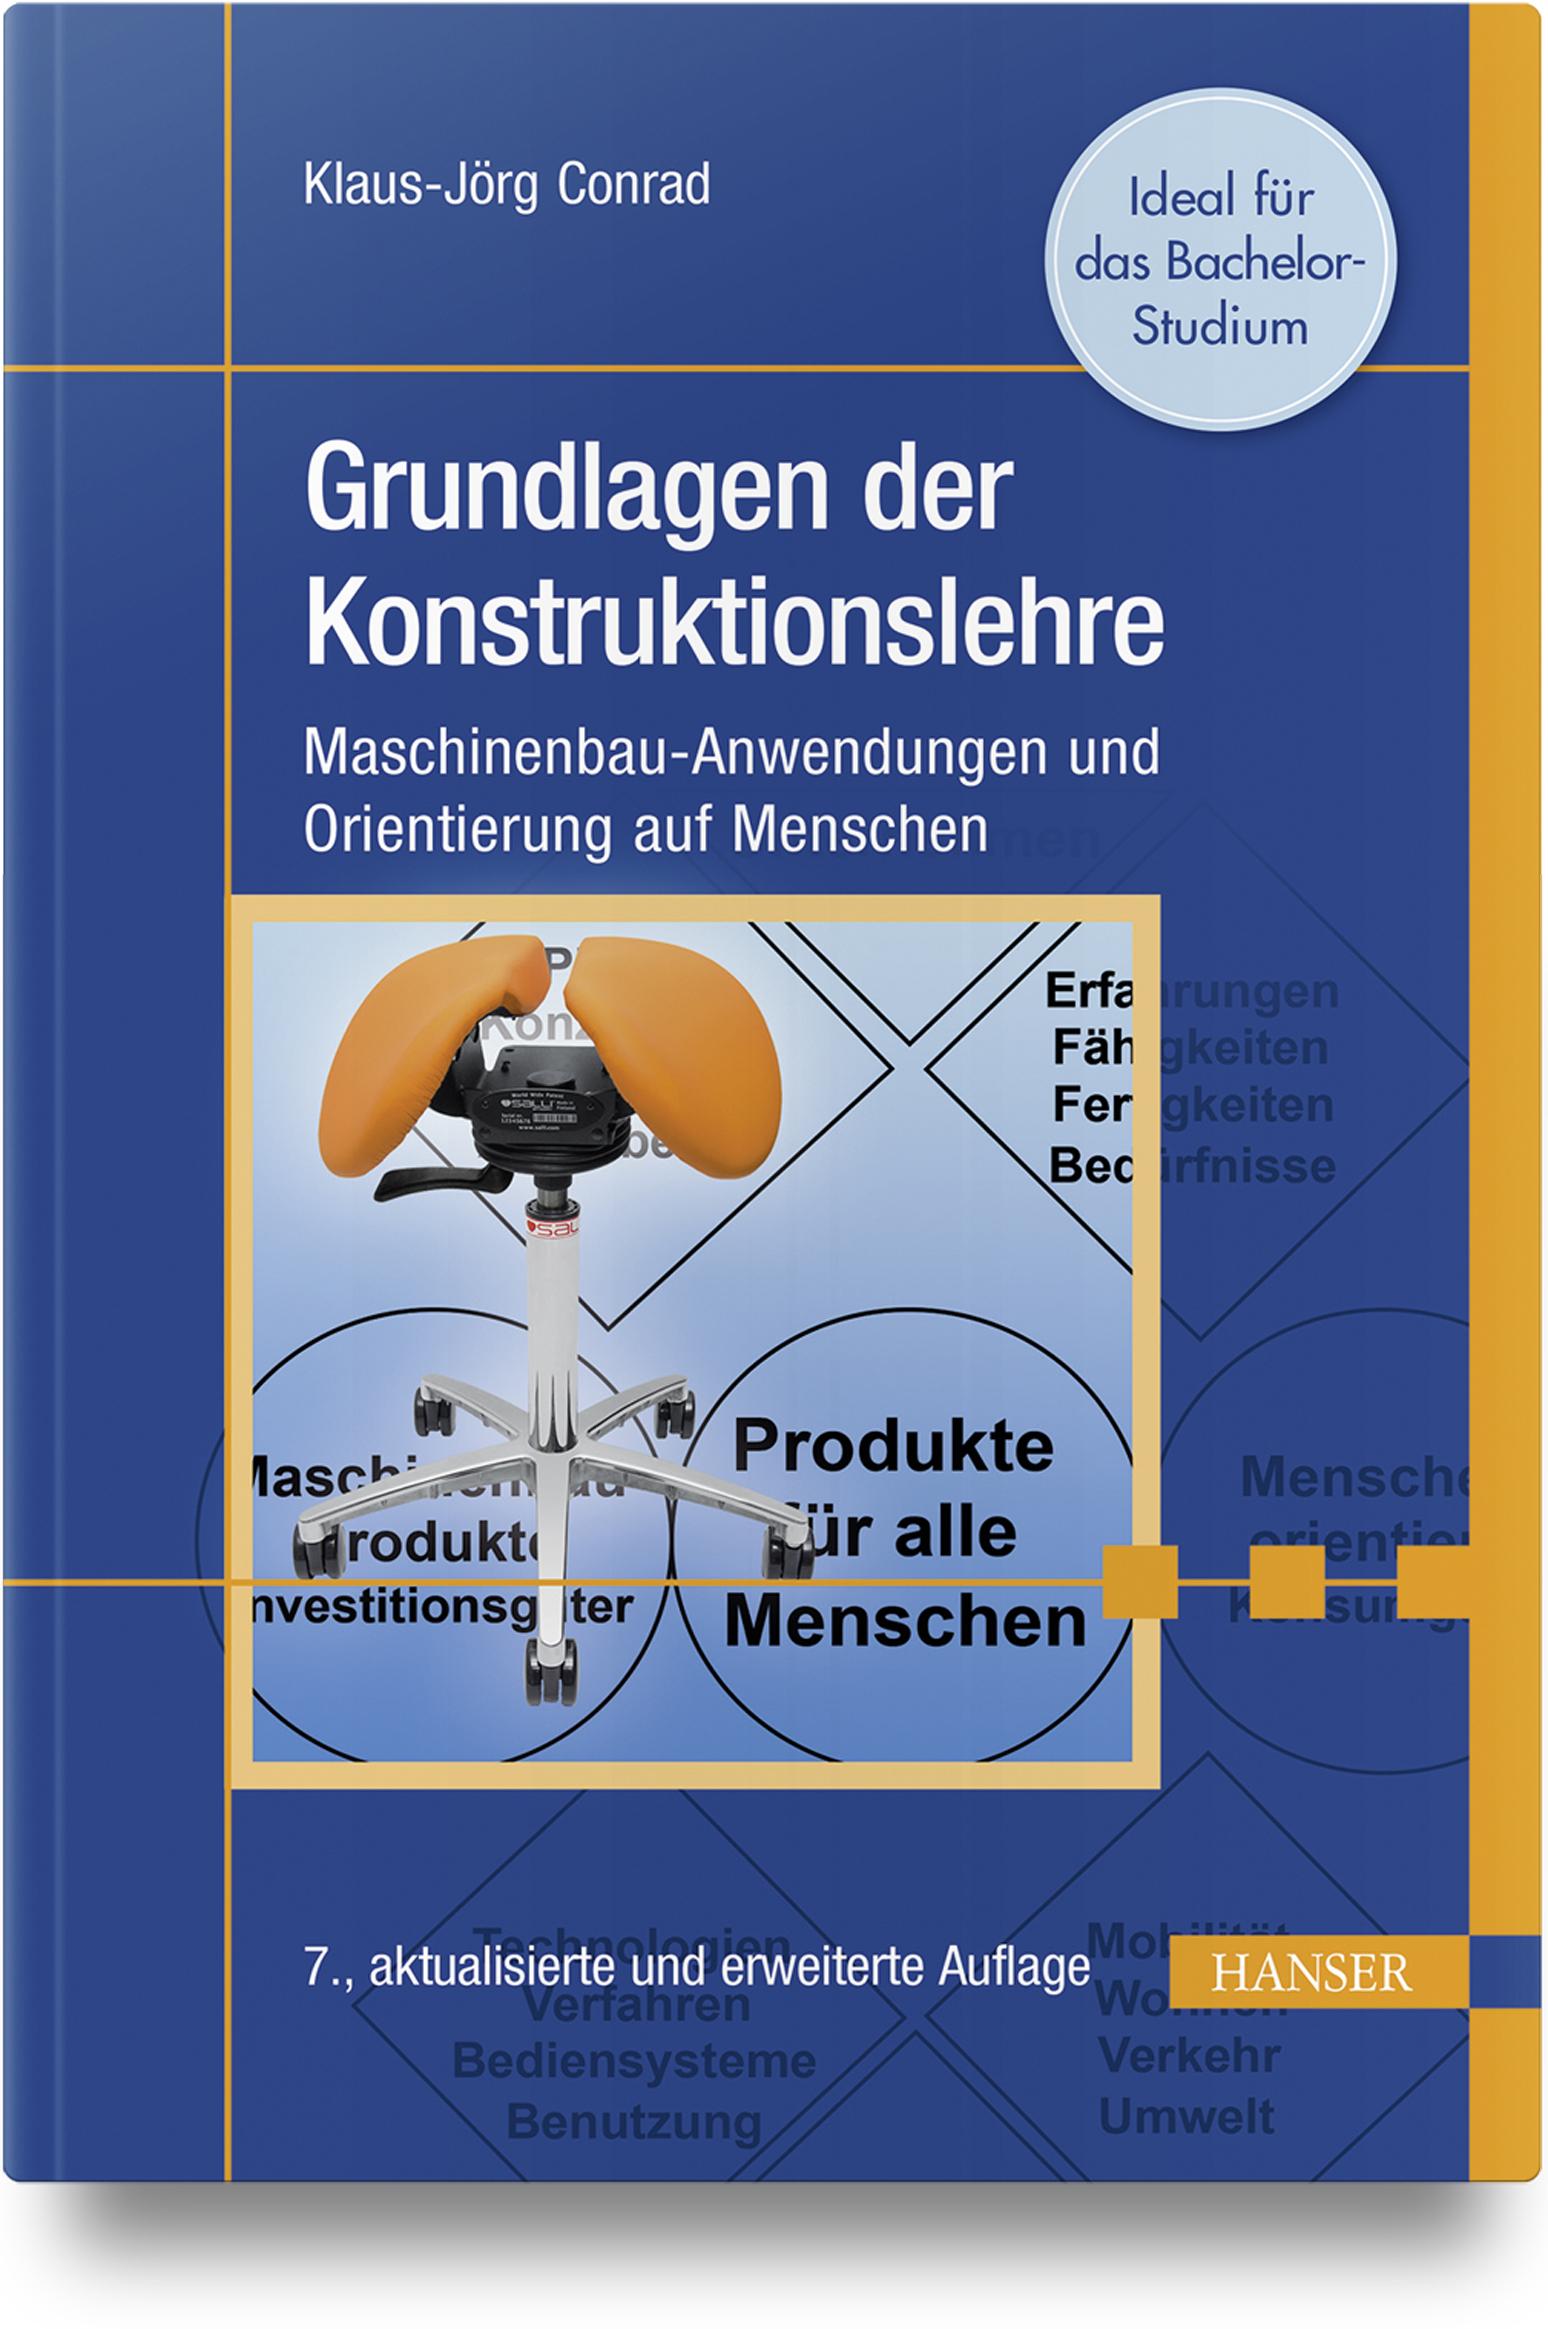 Conrad, Grundlagen der Konstruktionslehre, 978-3-446-45321-0